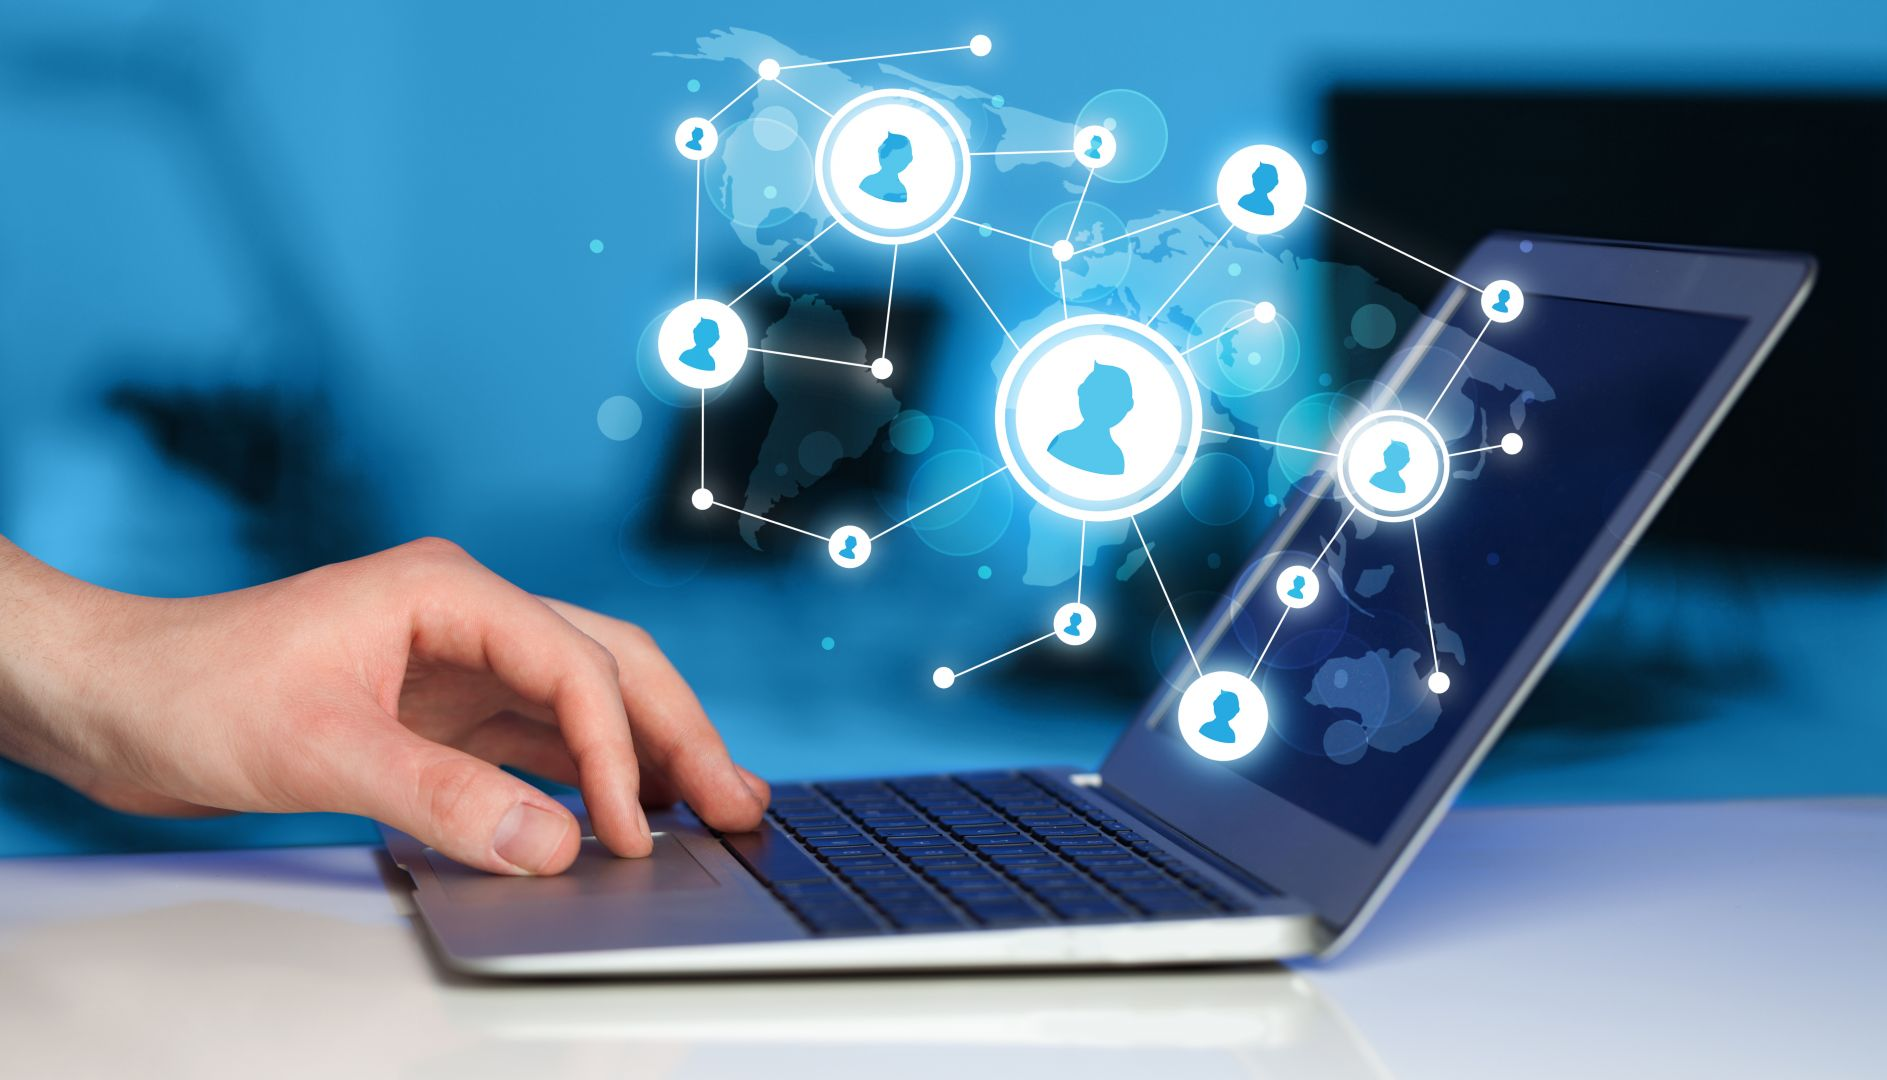 «Les 7 bonnes résolutions 2019 de l'agent immobilier connecté», Karine Mahieux Social Media Manager – Coach en stratégies numériques